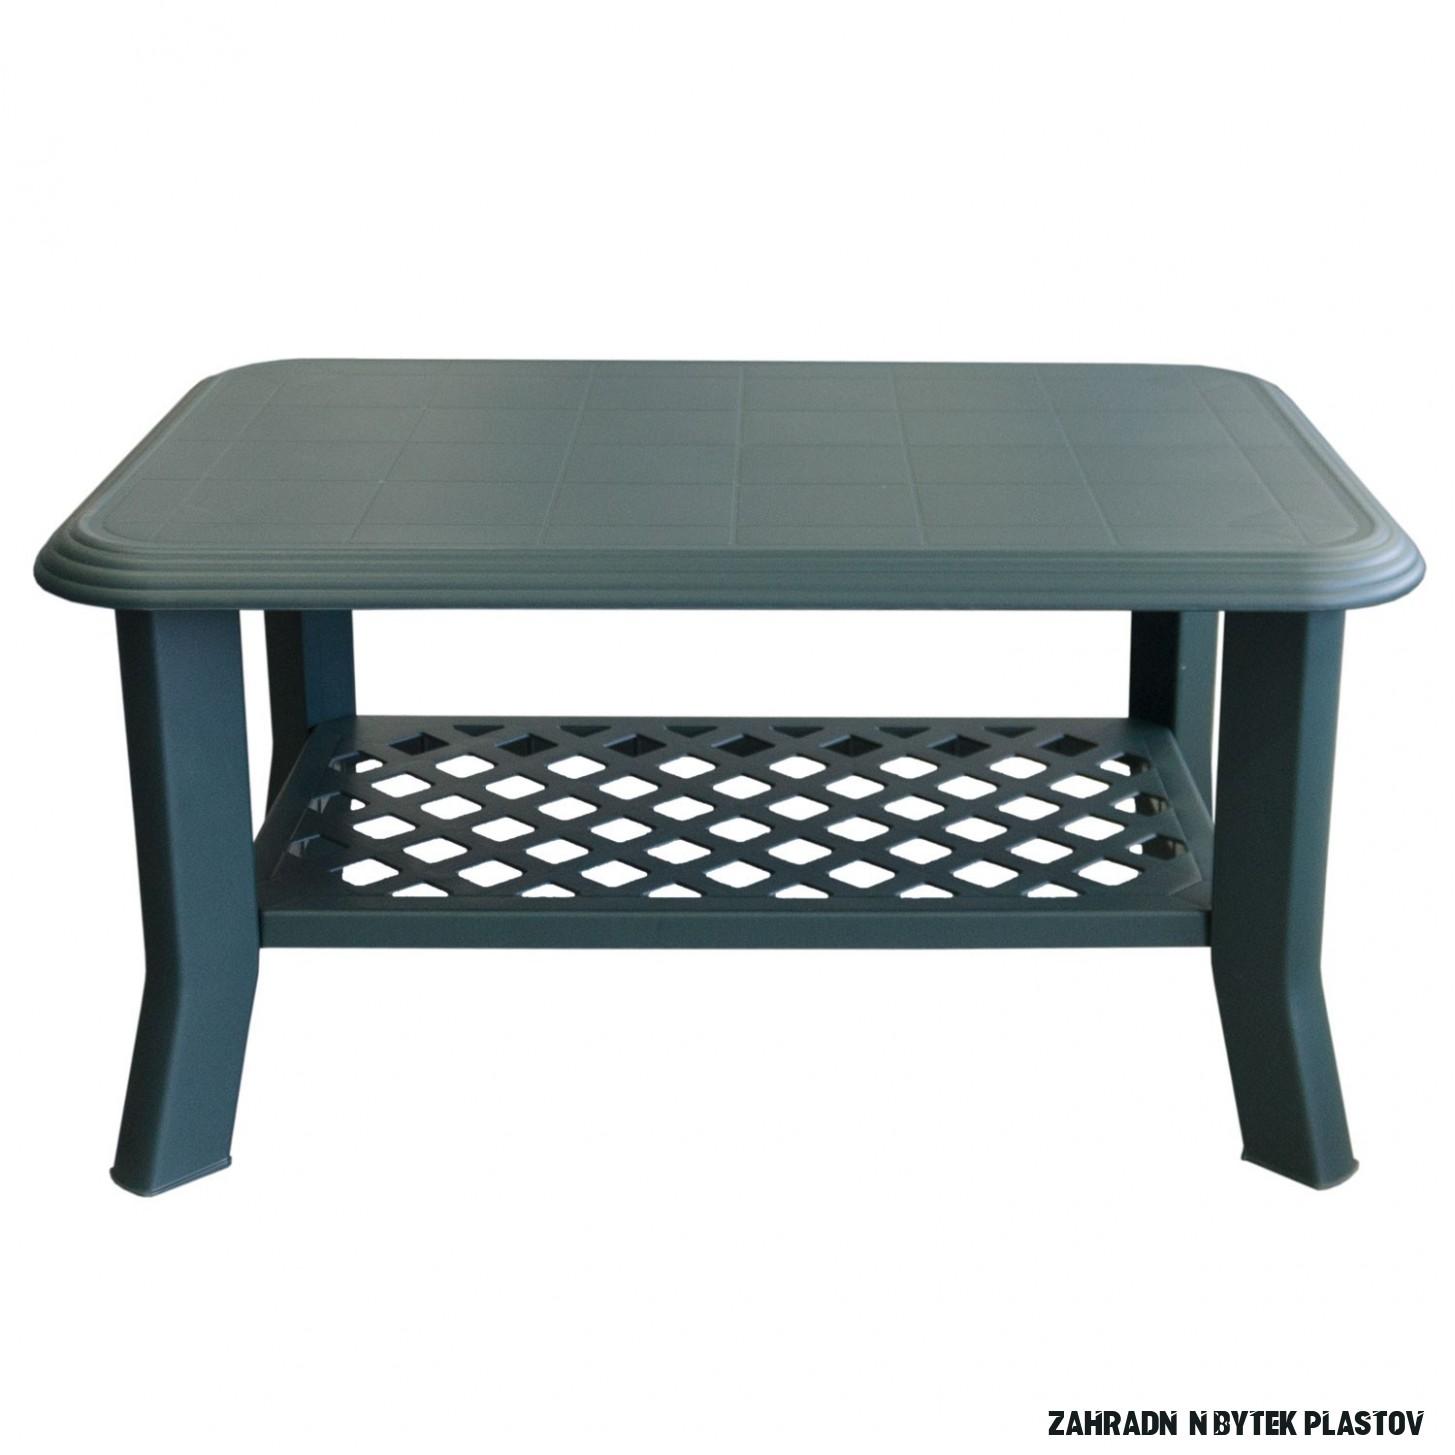 Zahradní plastový stůl NISO zelený